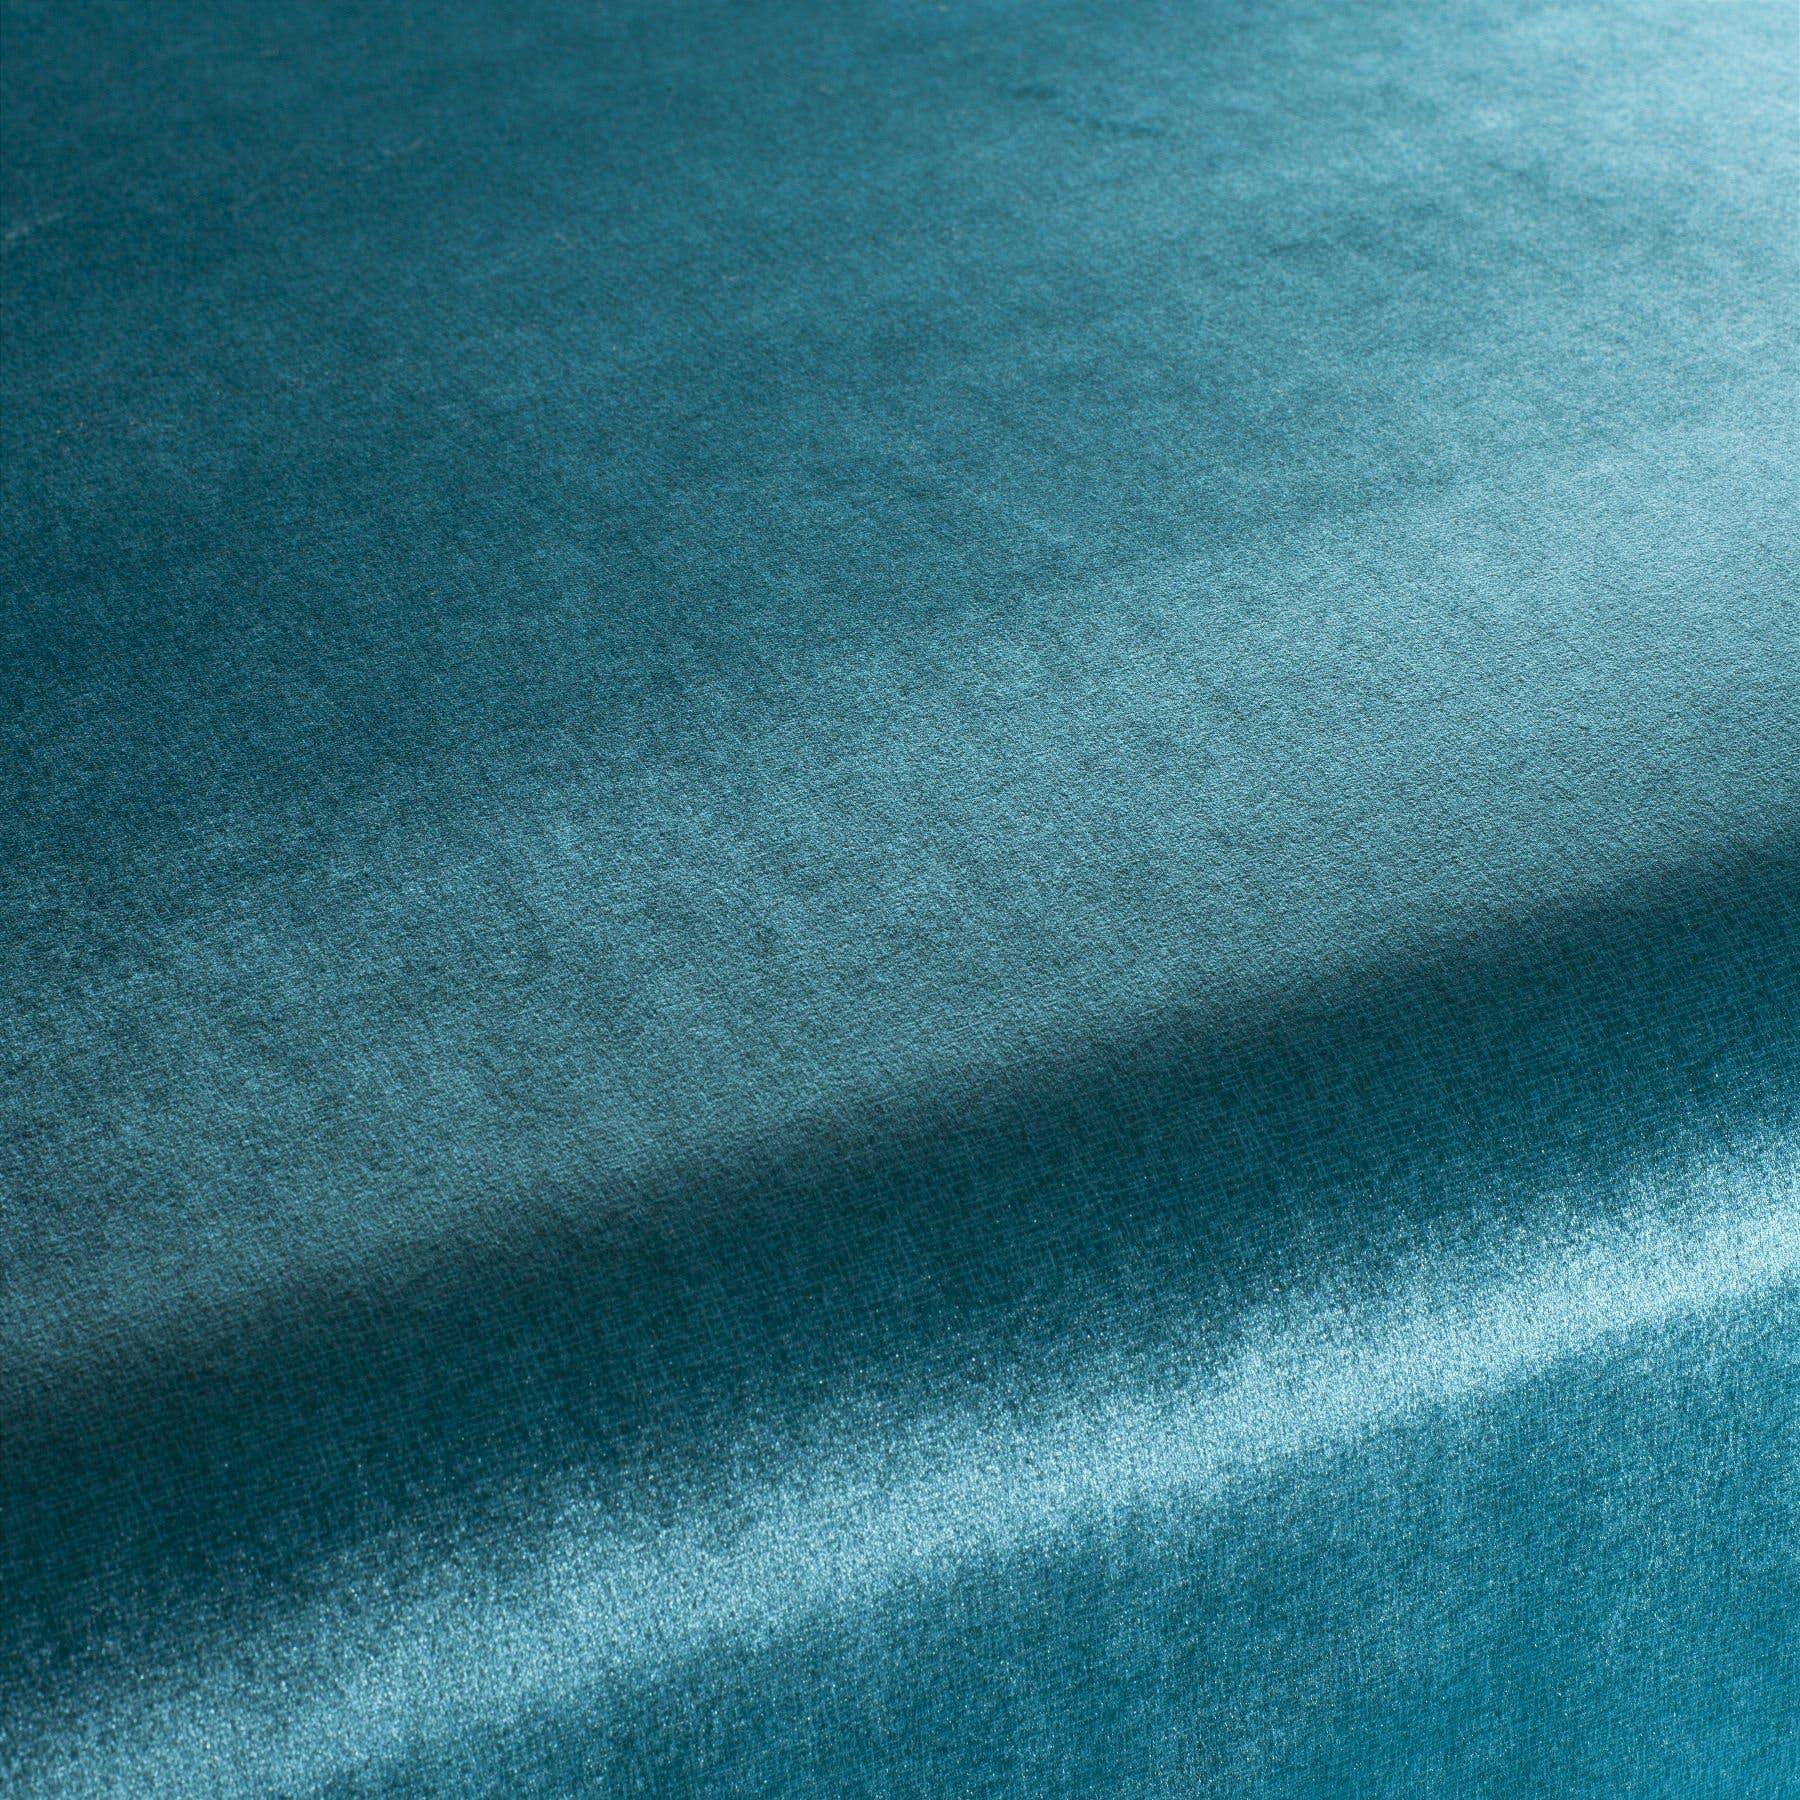 Jab-anstoetz-fabrics-teal-punto-velvet-upholstery-haute-living